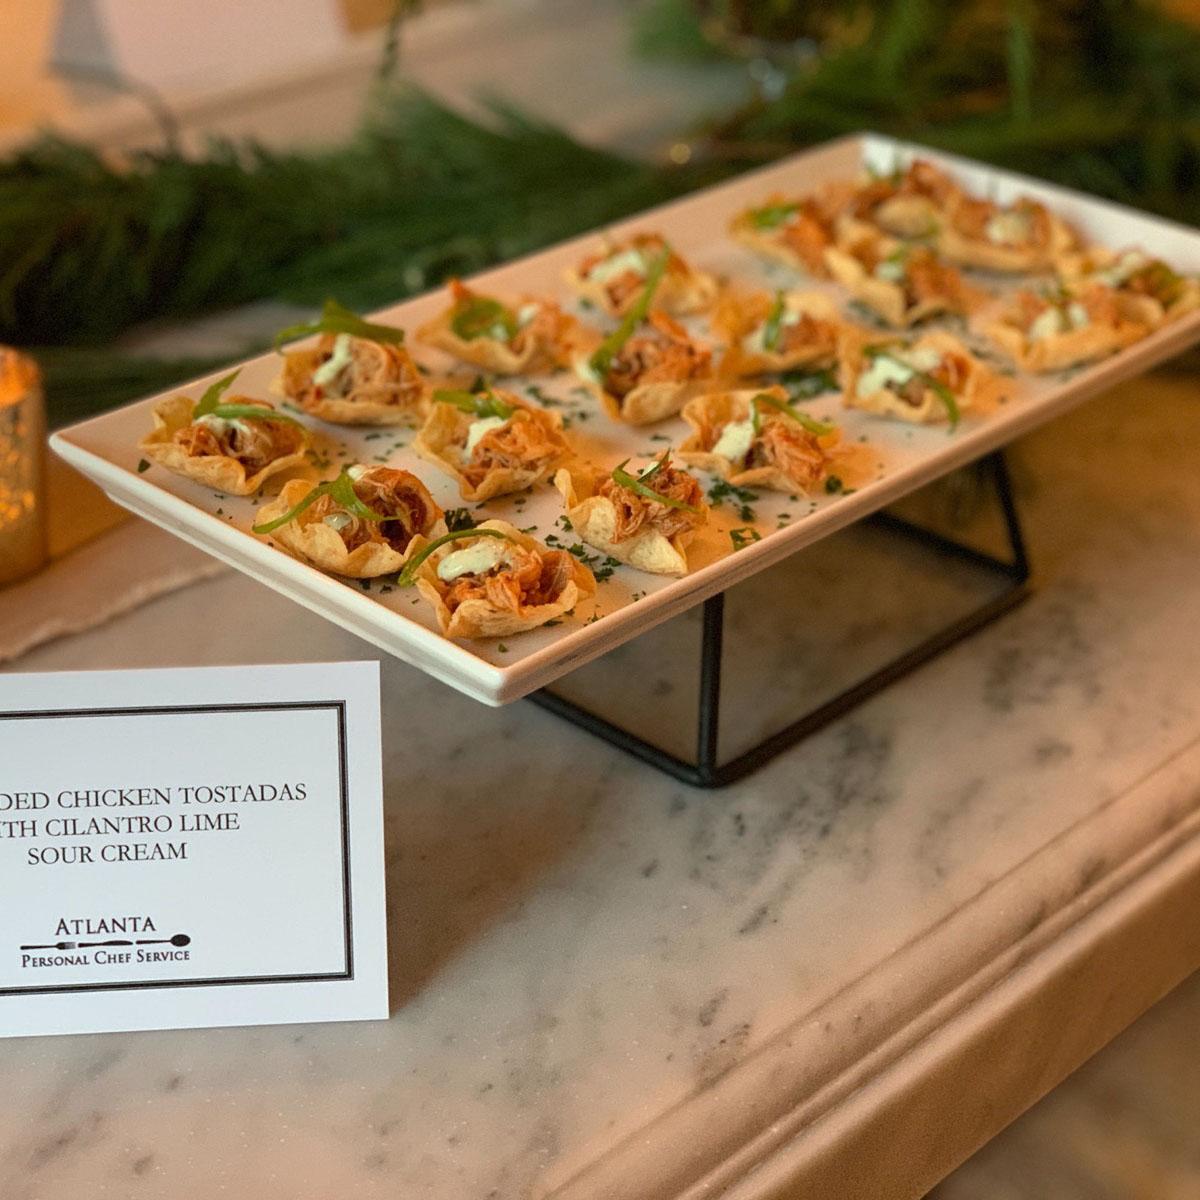 Elevated reception food consisting of chicken tinga tostadas with cilantro crema and custom printed menu description cards